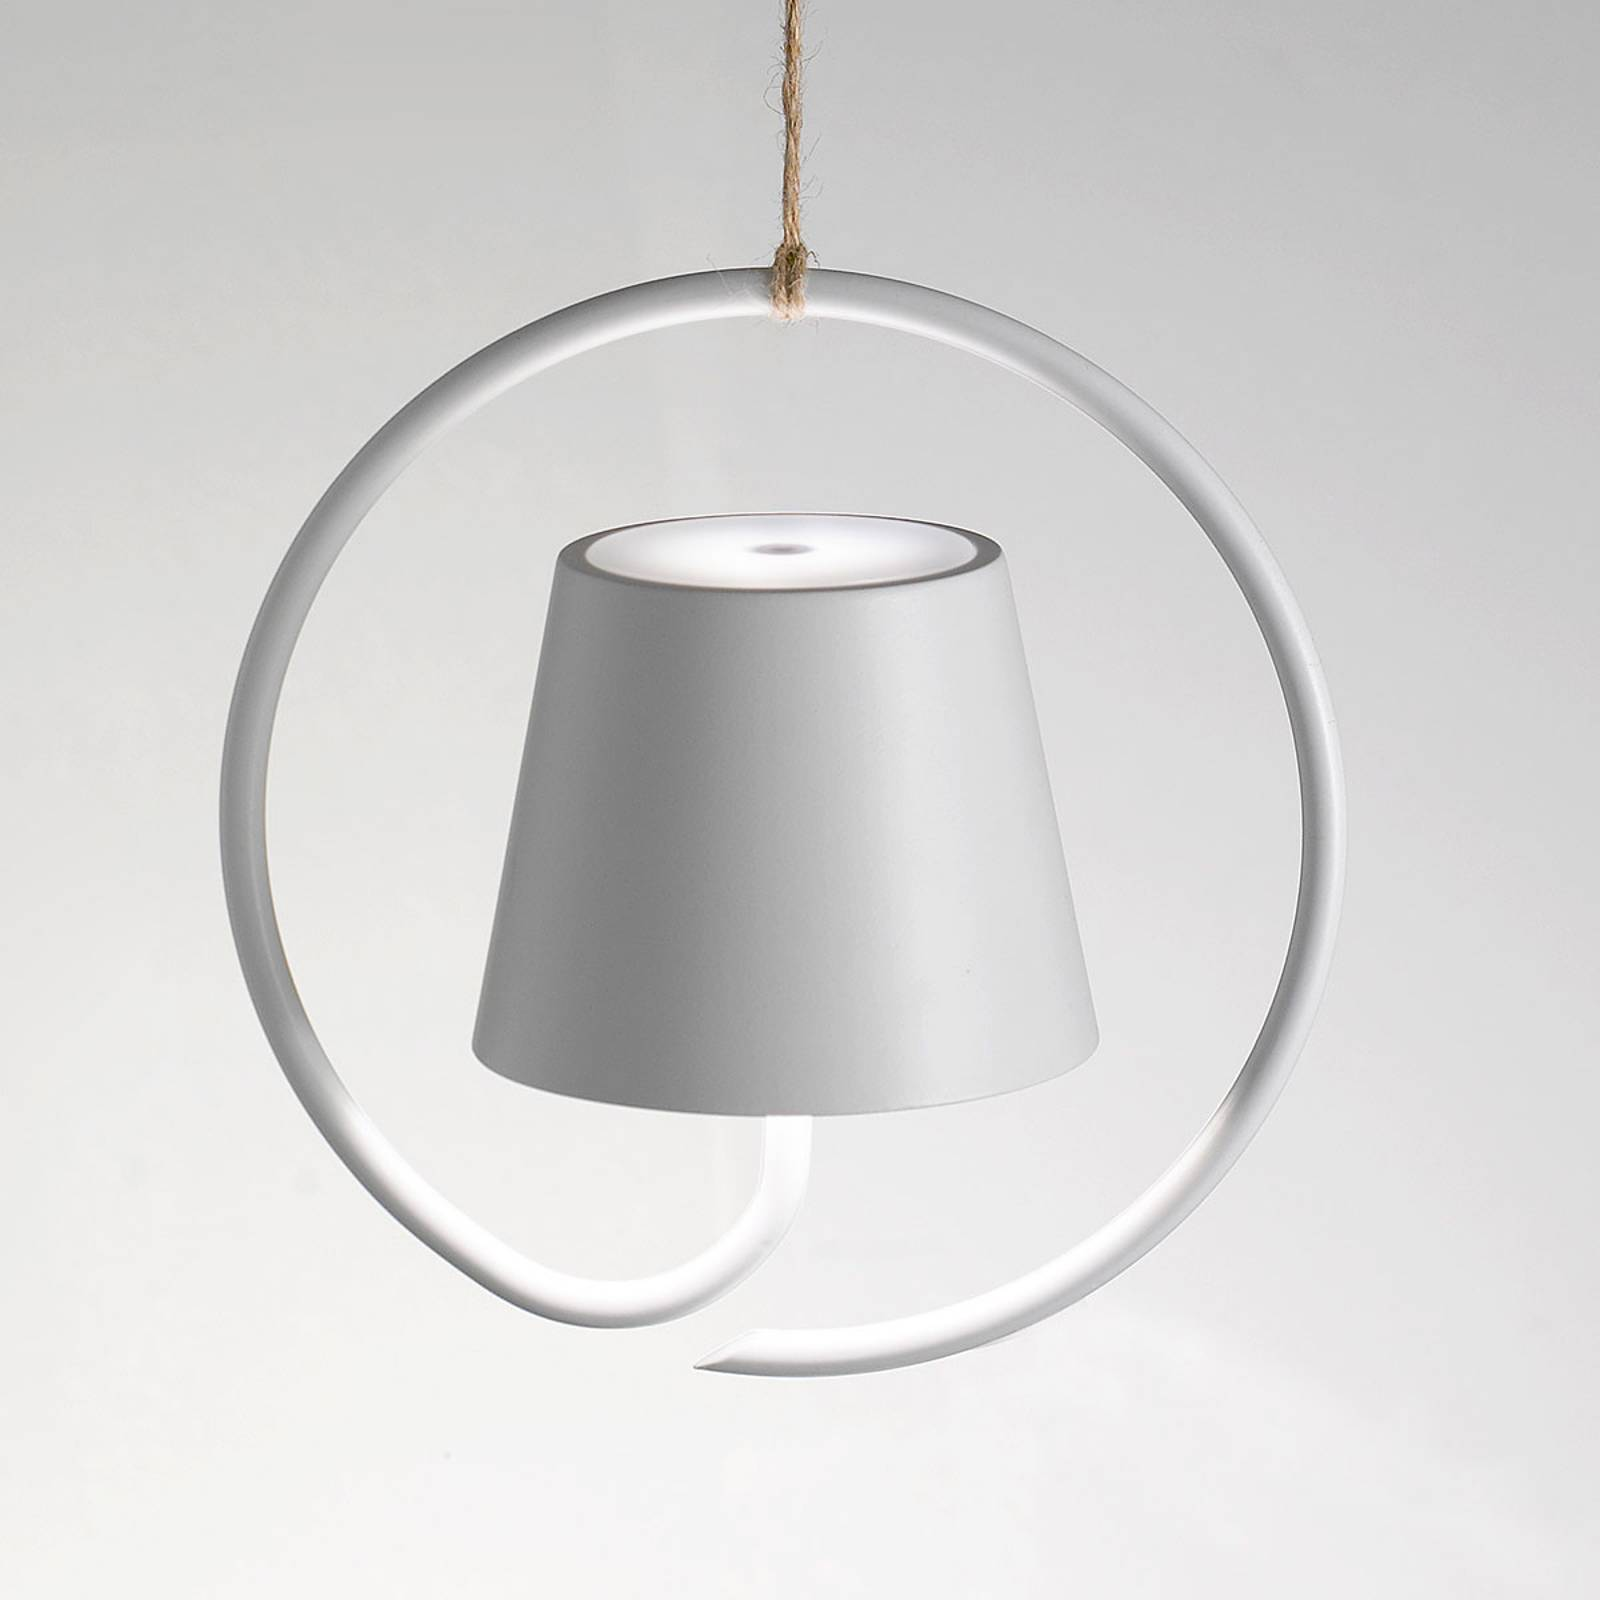 LED-Hängeleuchte Poldina akkubetrieben, weiß